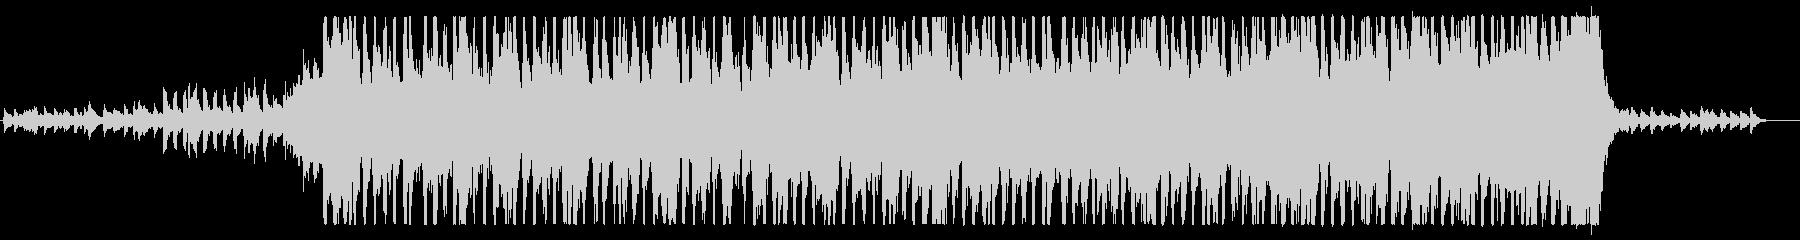 クラシック 交響曲 緊張感 暗い ...の未再生の波形